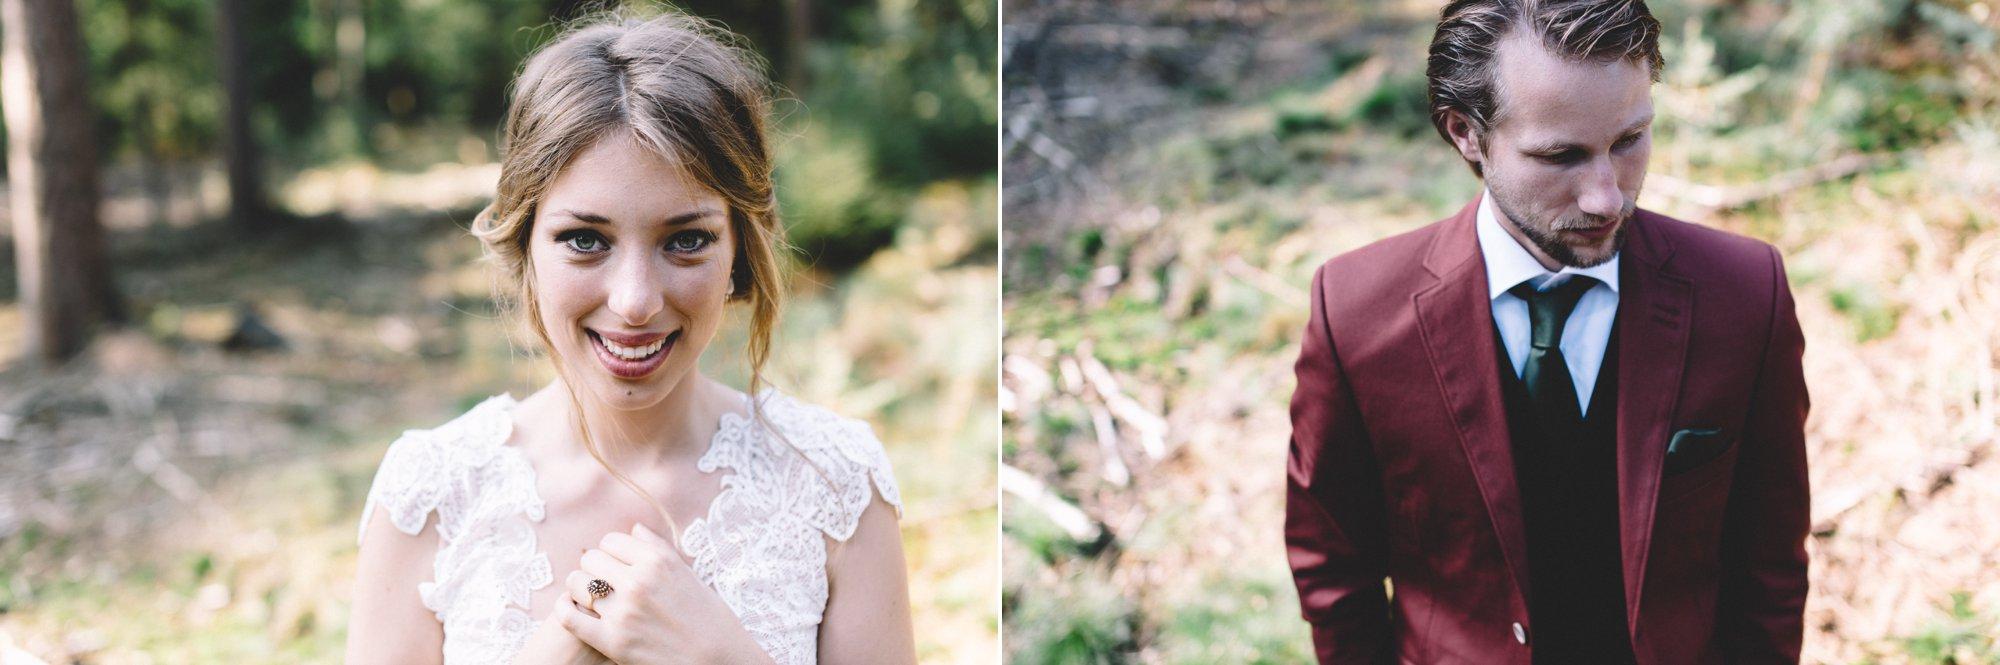 Bohemian bruiloft - trouwen in het bos- Arjen en Paulien_0044.jpg